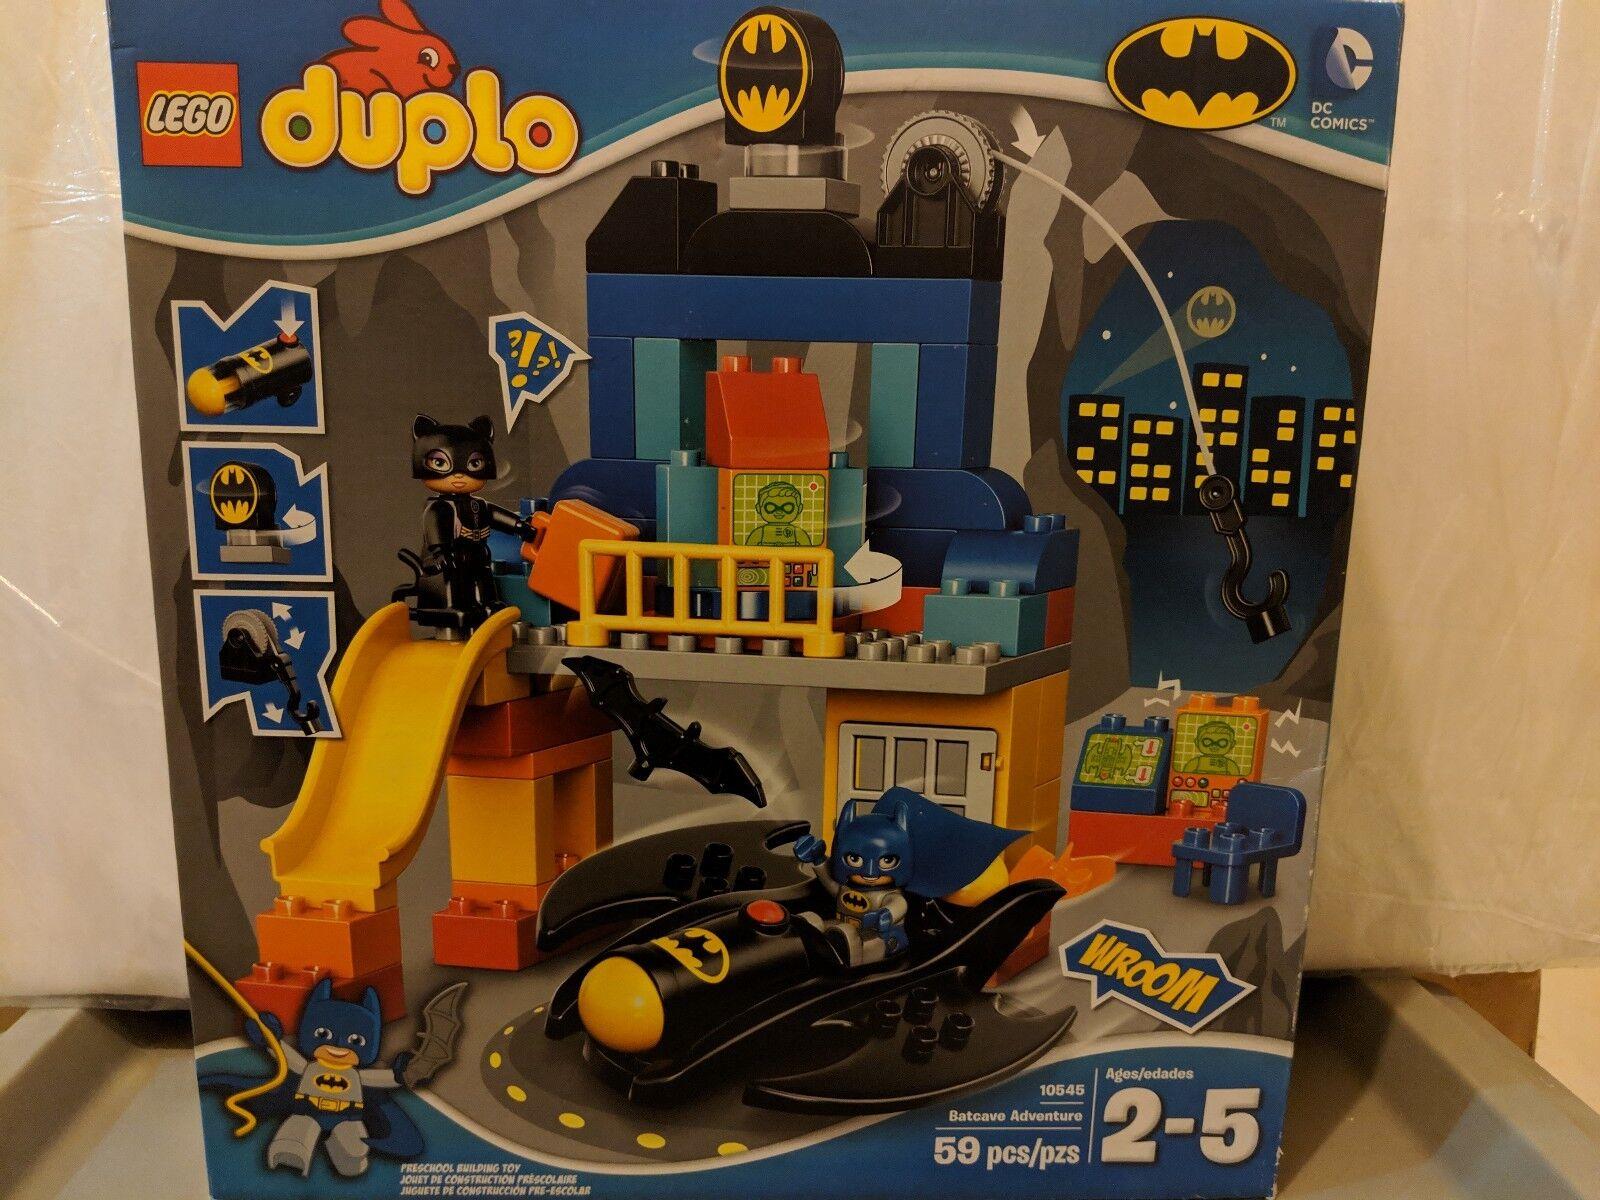 New in Sealed Box - Duplo - Lego Lego Lego Batcave Adventure 10545 b0a73f